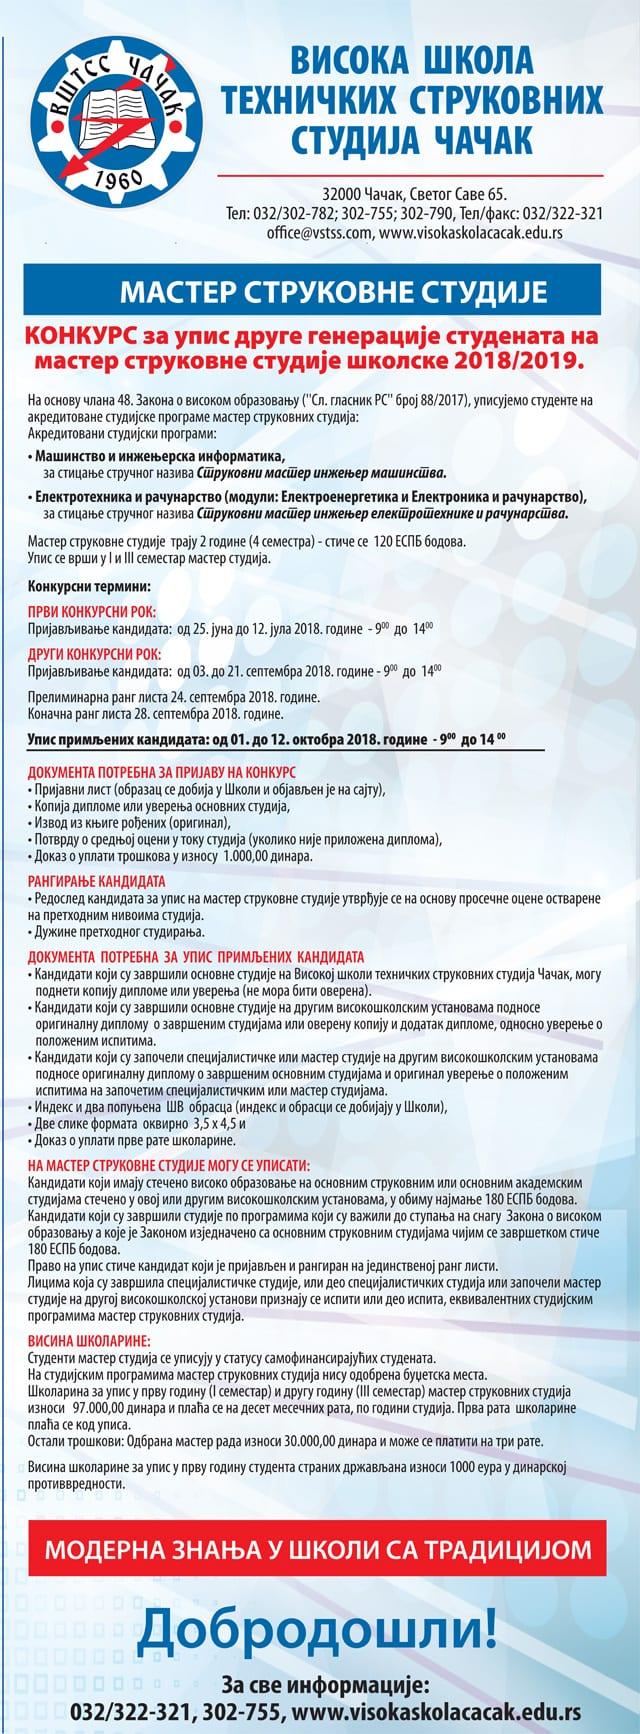 VŠTSScopy-3